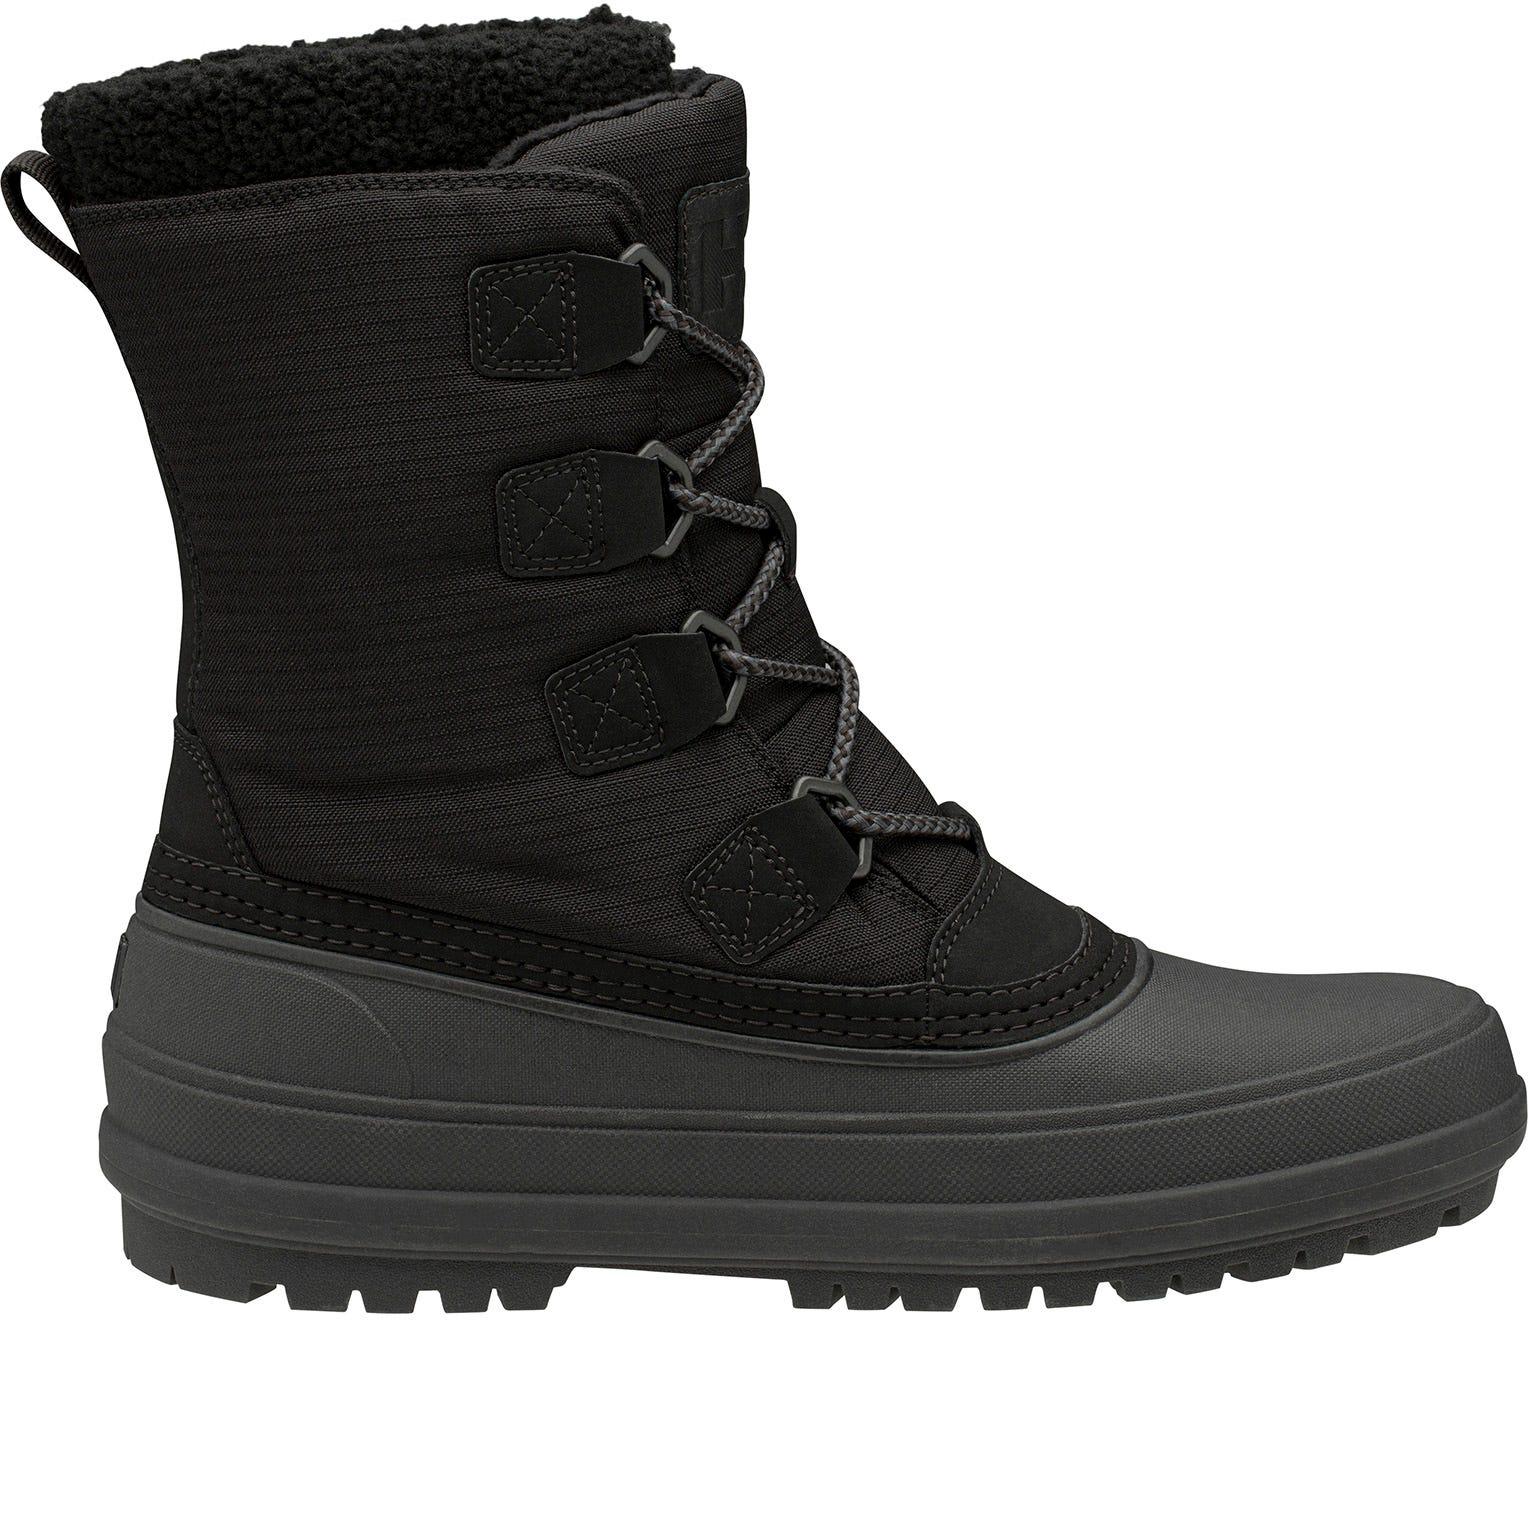 Helly Hansen Mens Gamvik Winter Boot Black 9.5